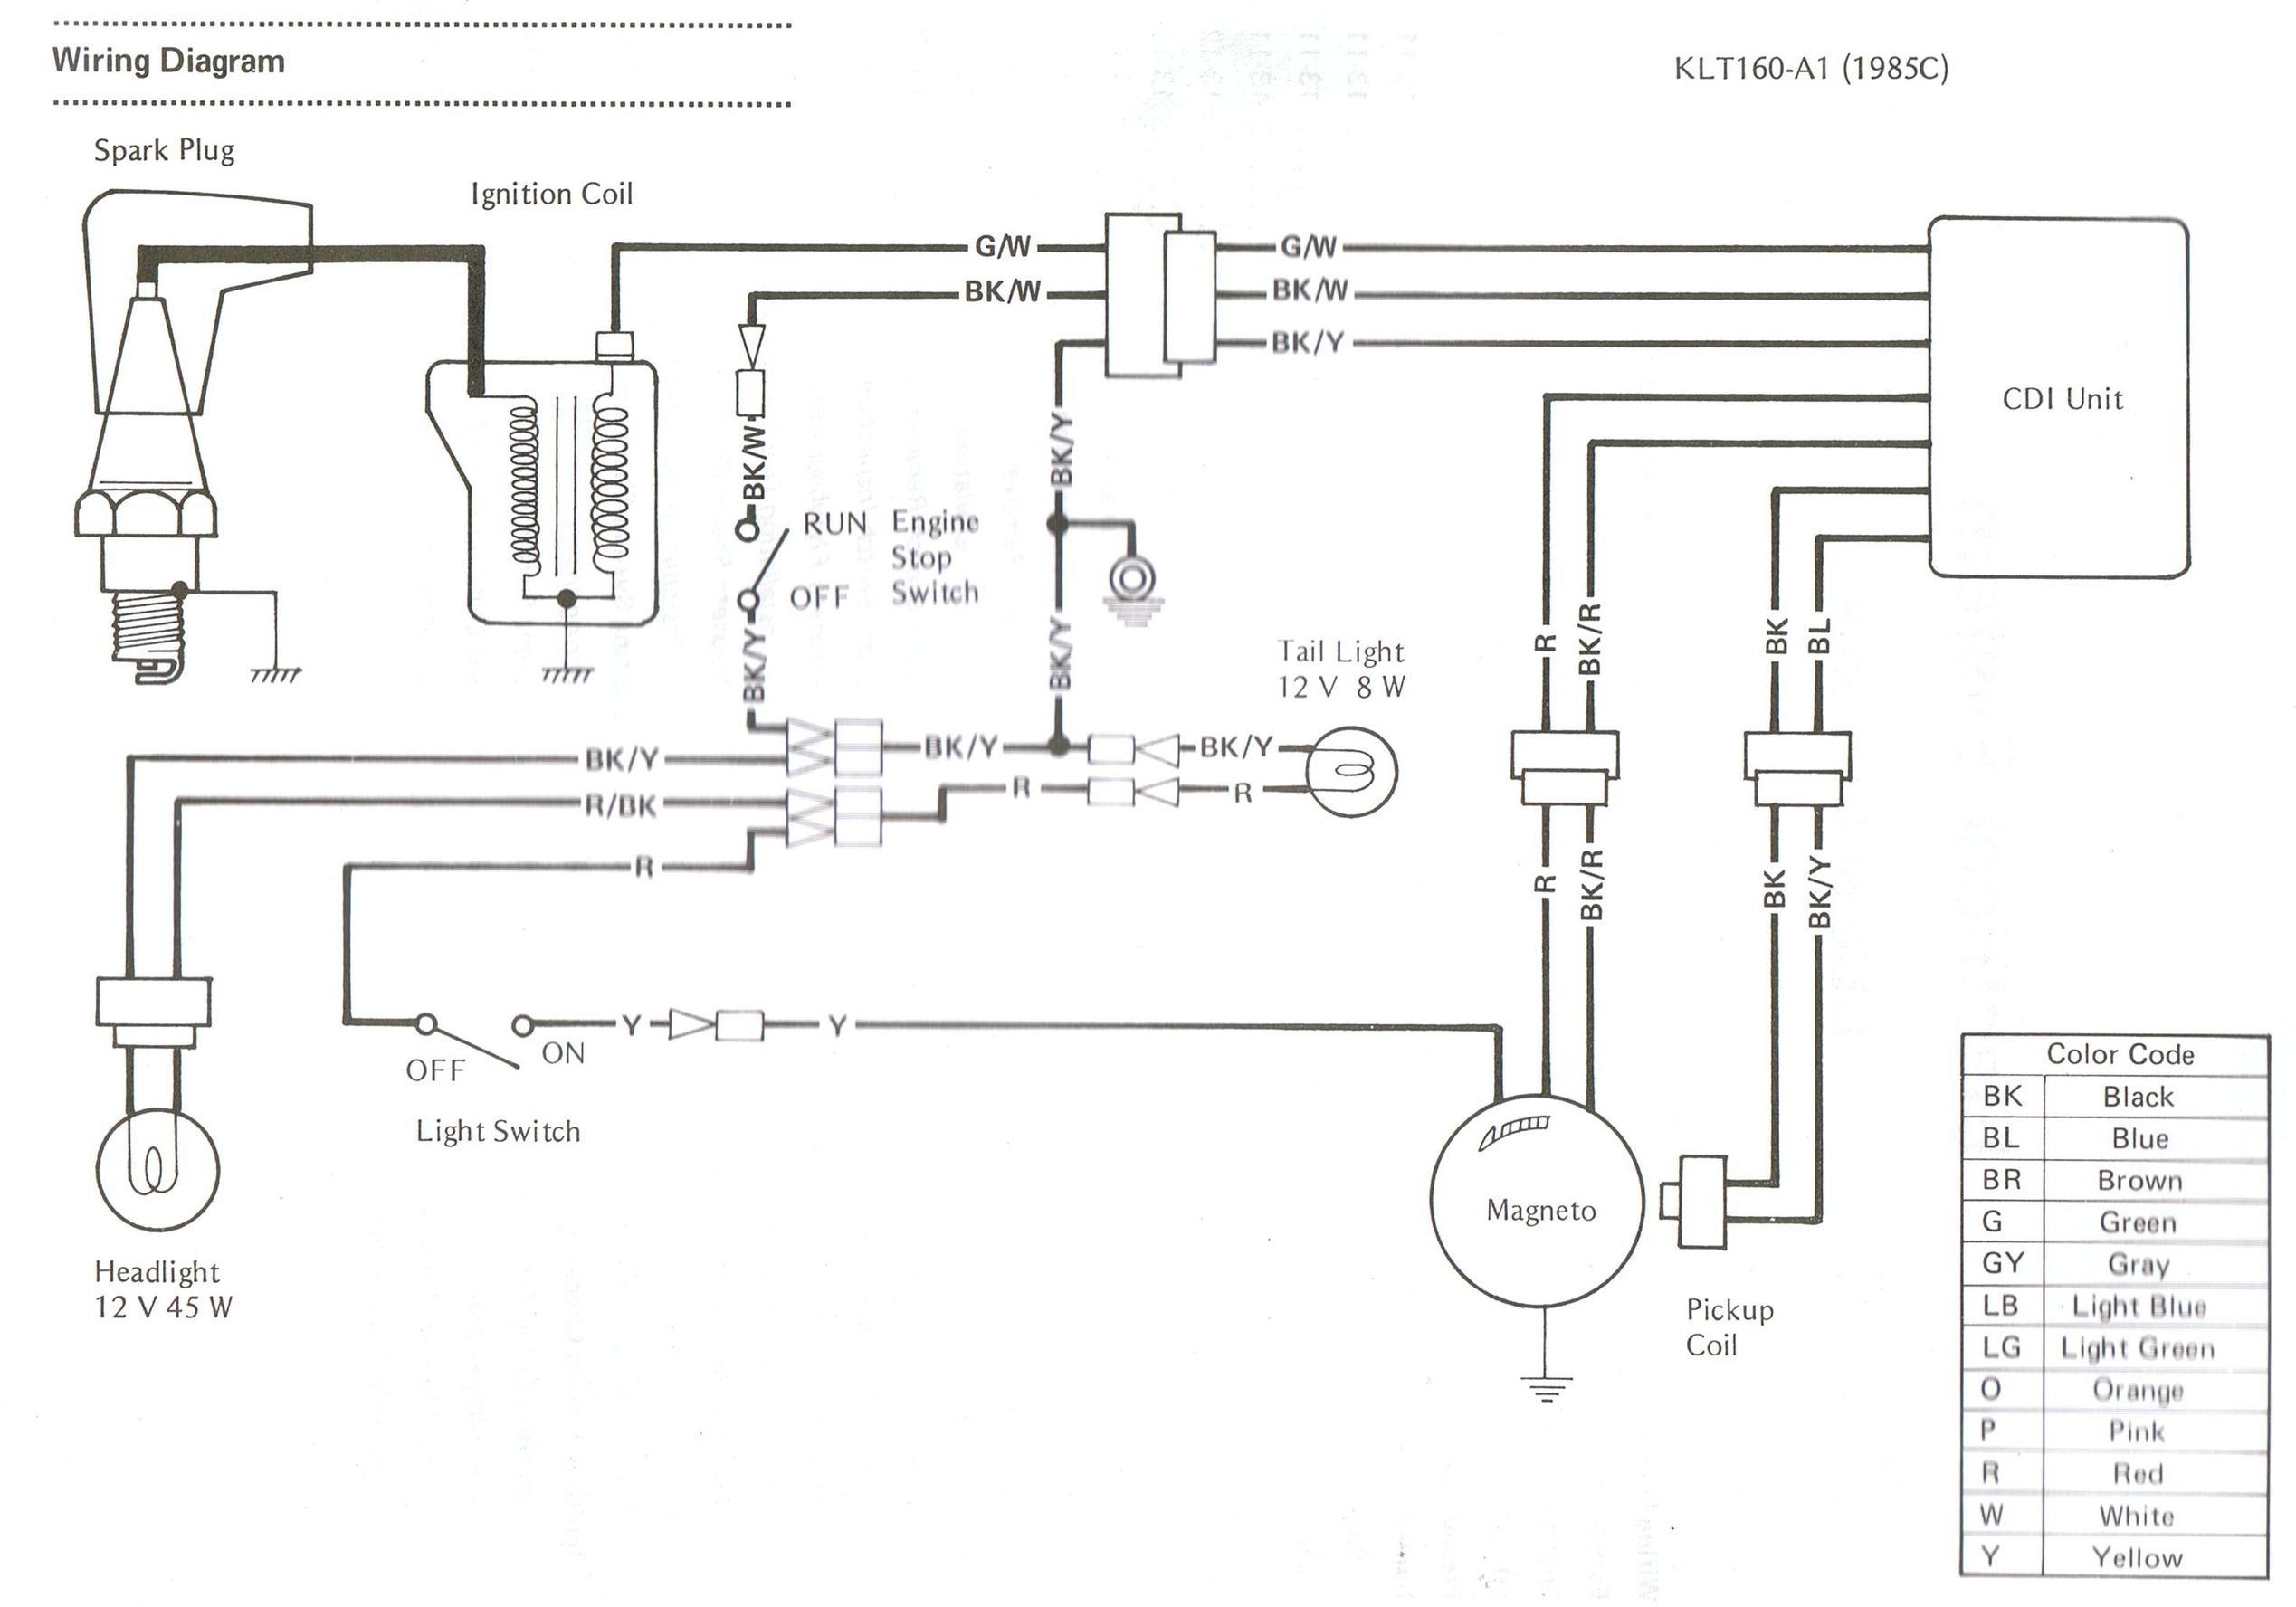 Polaris Predator 500 Engine Diagram Polaris Scrambler 90 Wiring Diagram Get  Free Image About Wiring Of